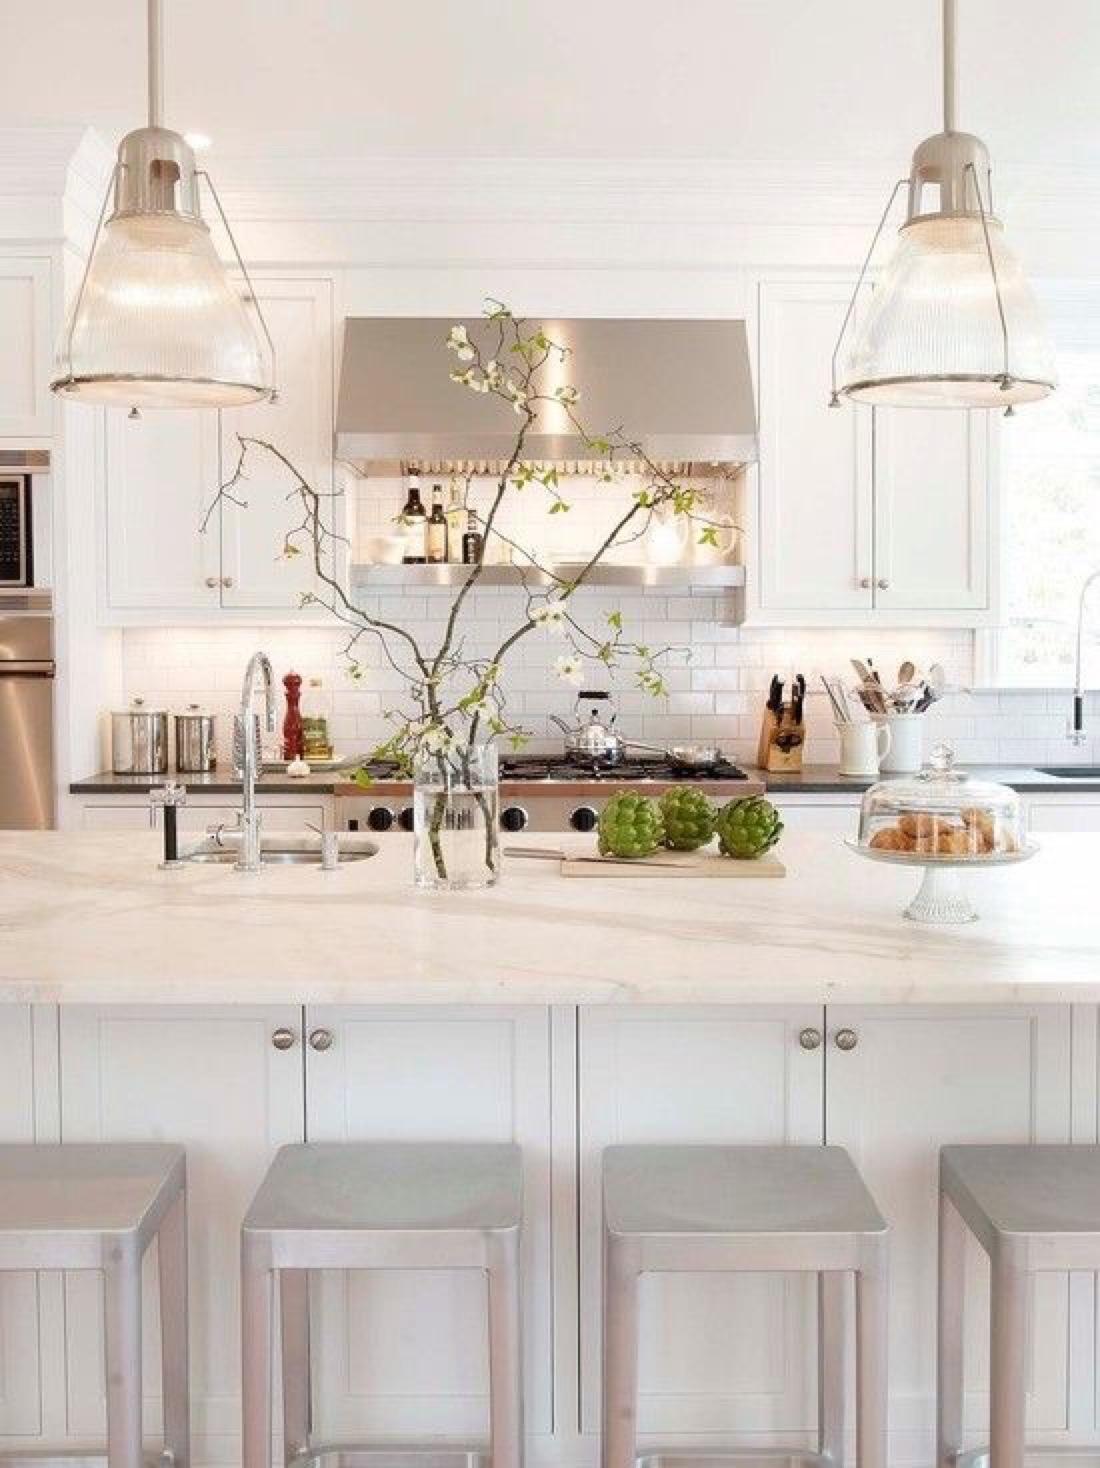 Phụ kiện trang trí cần thiết để tạo nên một phòng bếp quyến rũ - Ảnh 10.